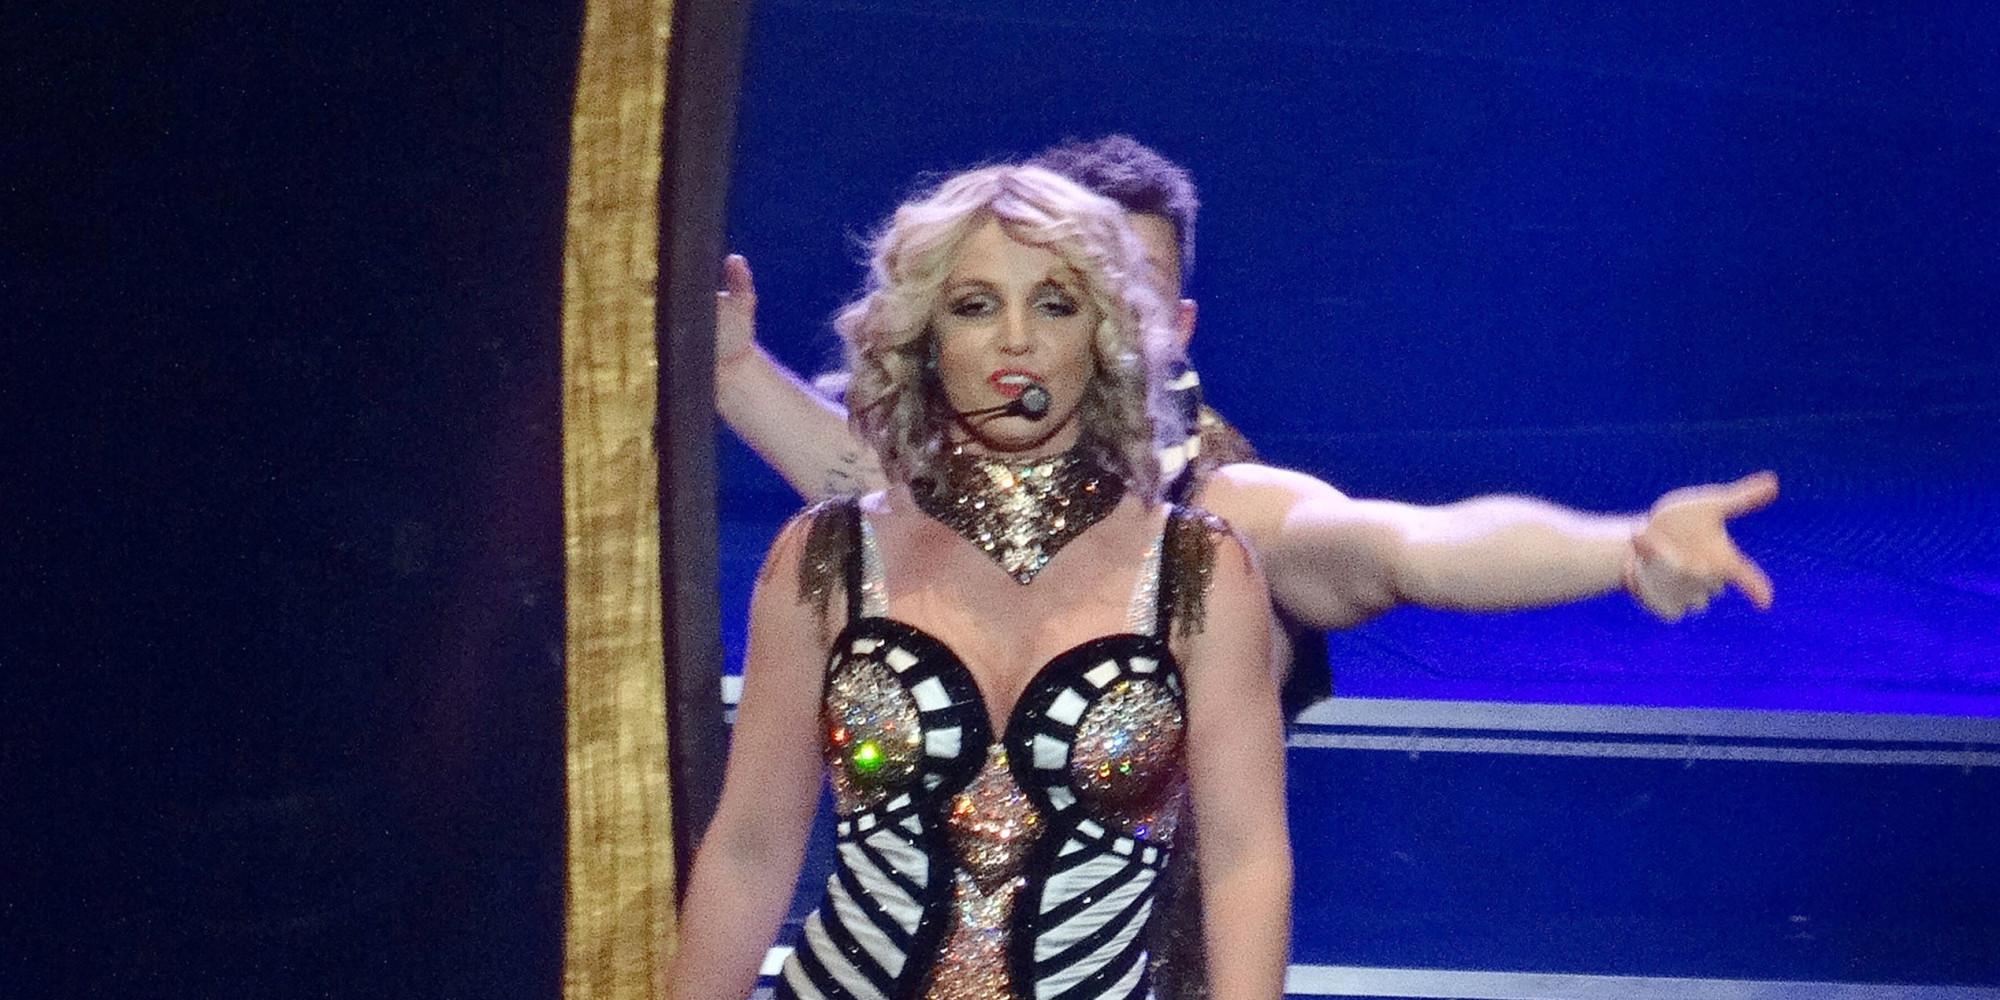 Britney spears wardrobe malfunction in las vegas